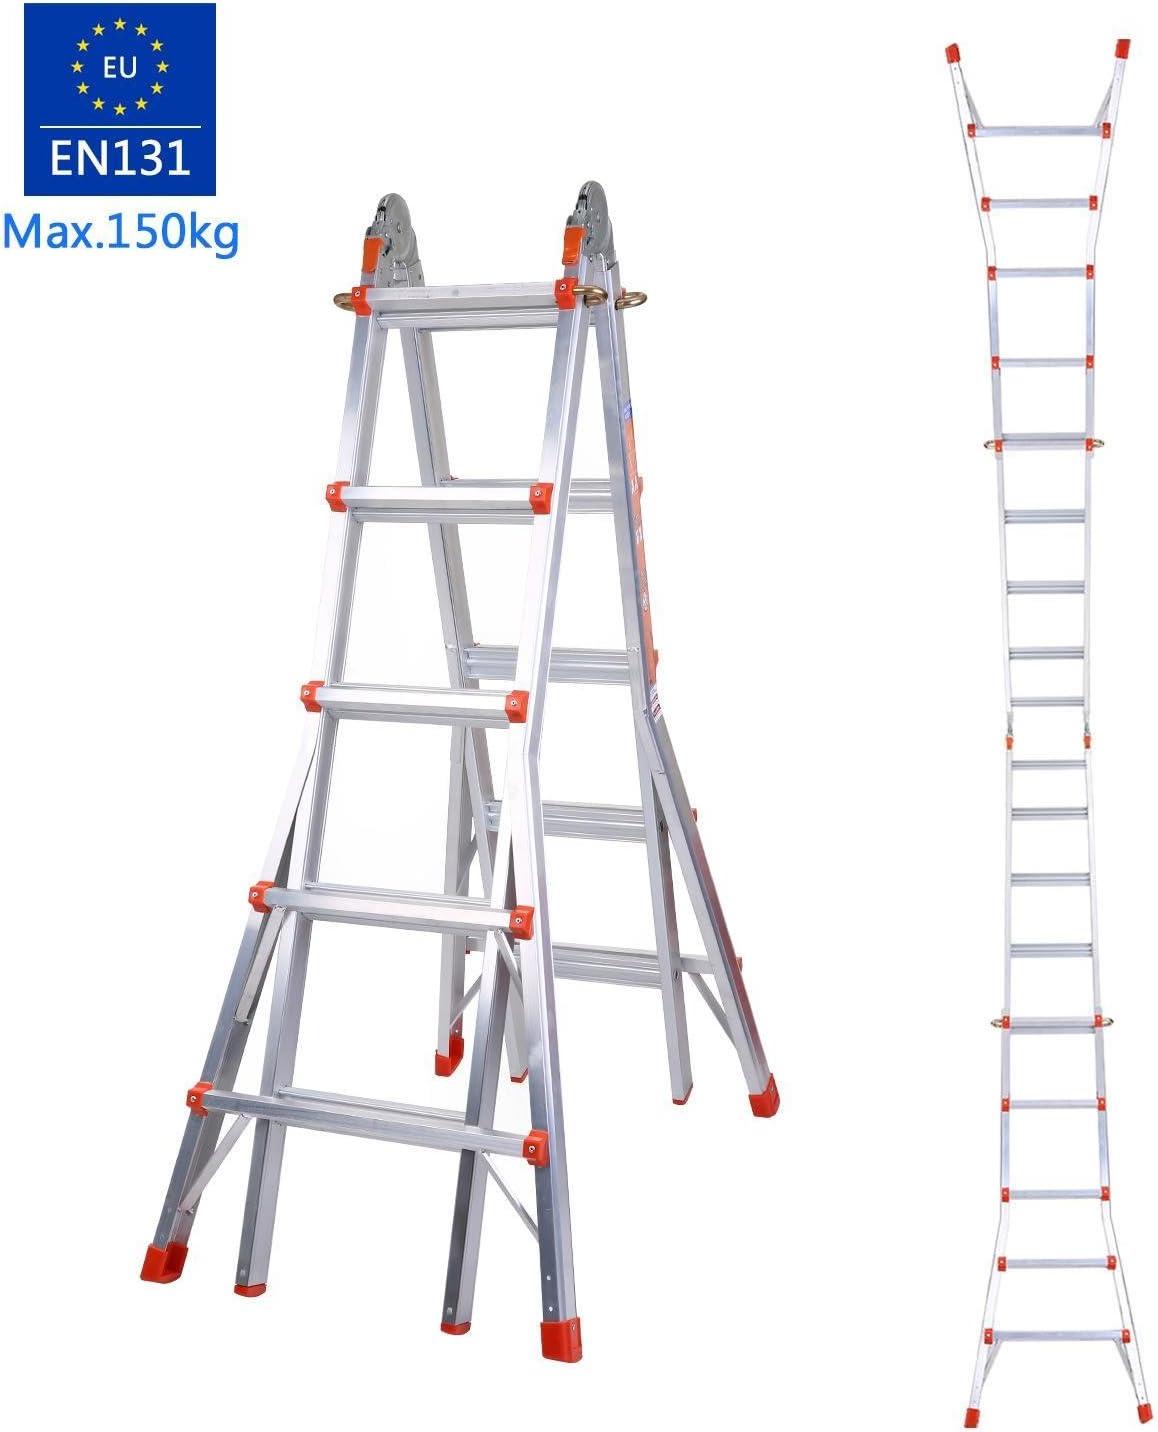 COOCHEER telescópica escalera telescópica escalera Multiposition peldaños escalera articulada carga max. 150 kg: Amazon.es: Bricolaje y herramientas